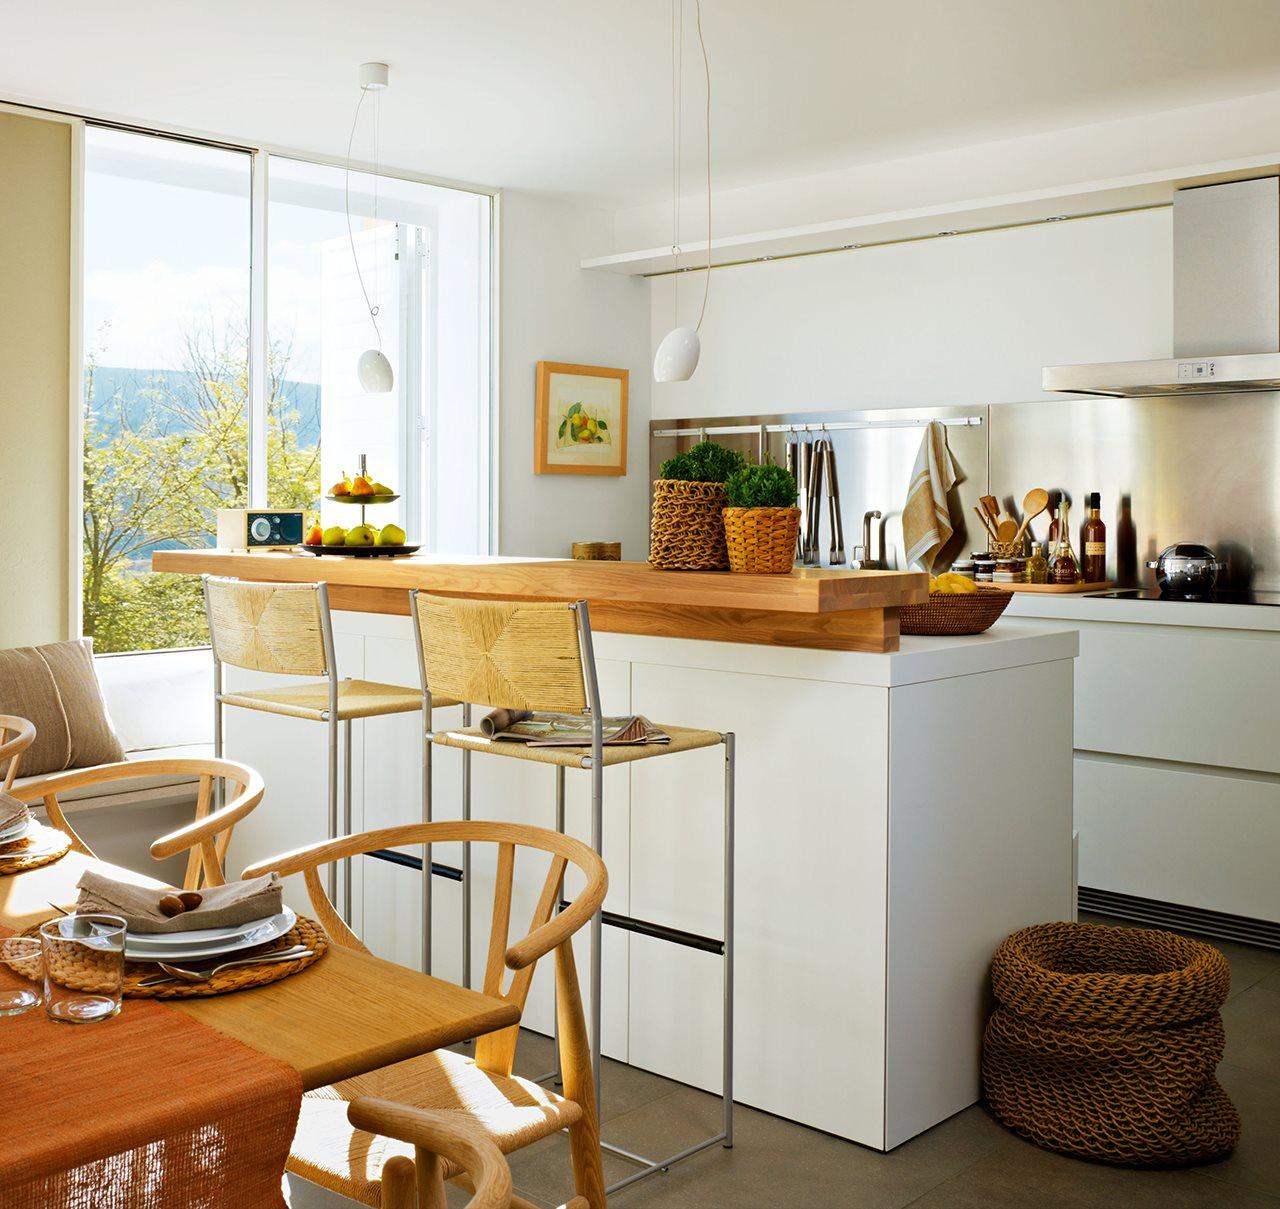 Los 9 mejores dise os de cocinas office - Cocinas con diseno ...